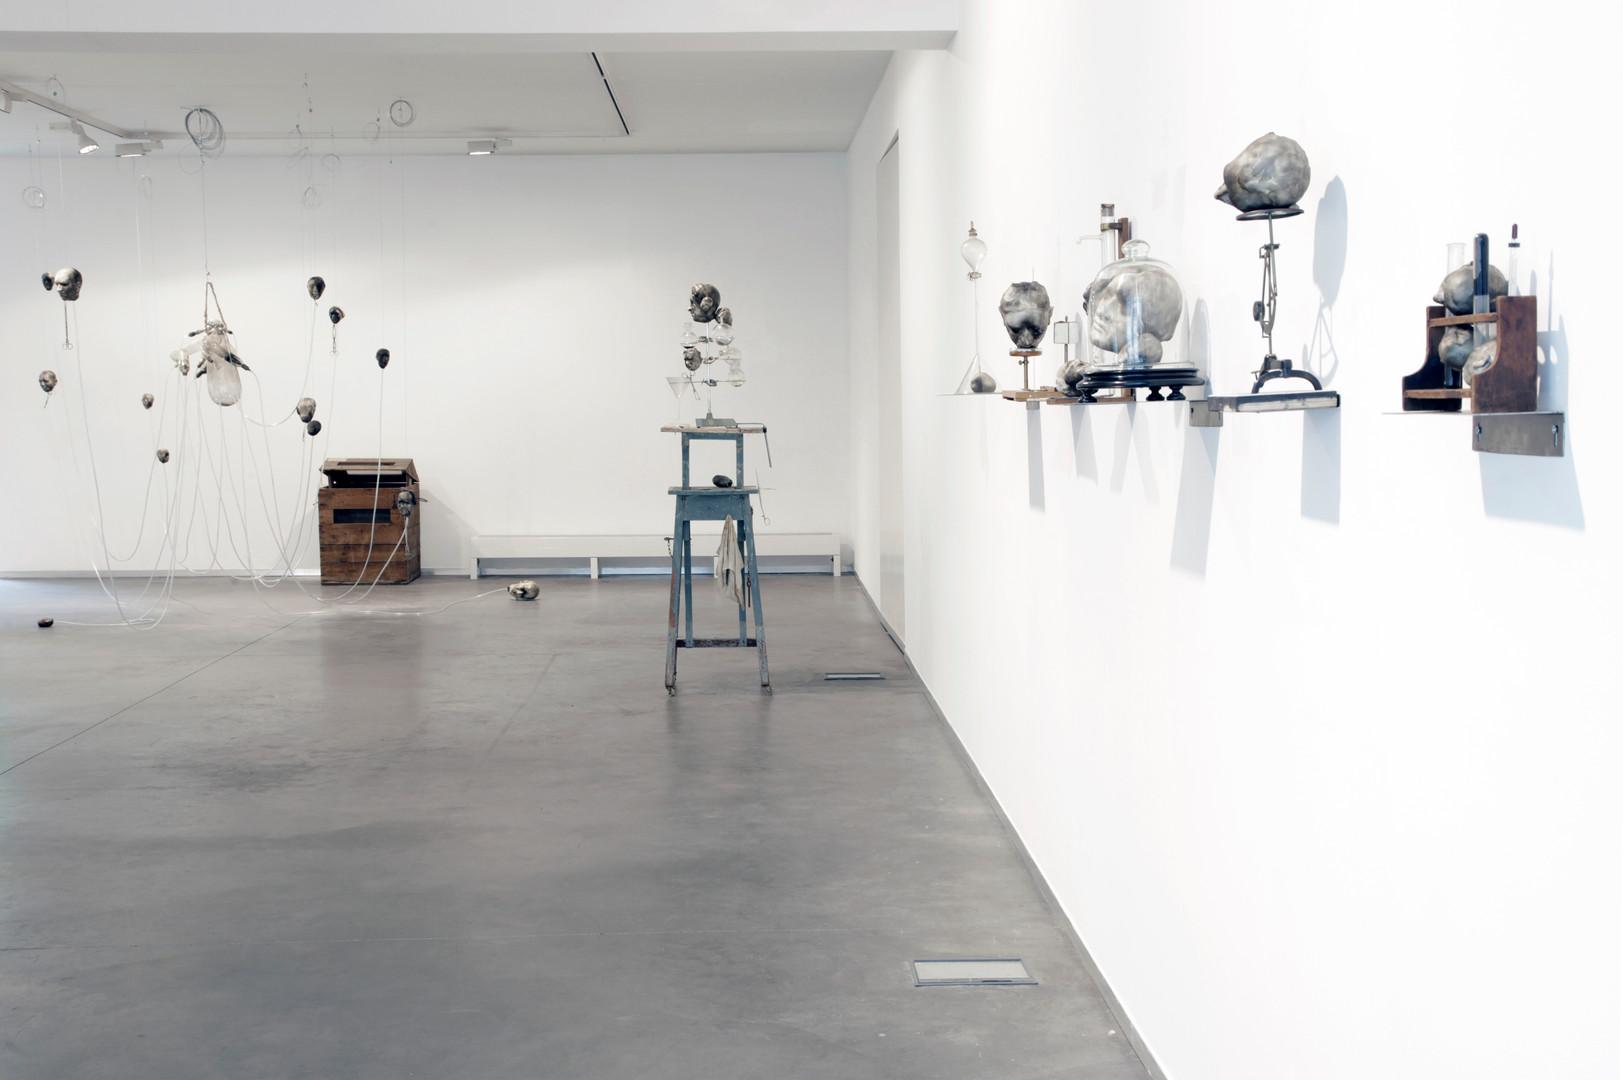 Psychonomics, Geukens & De Vil, Antwerp, 2014